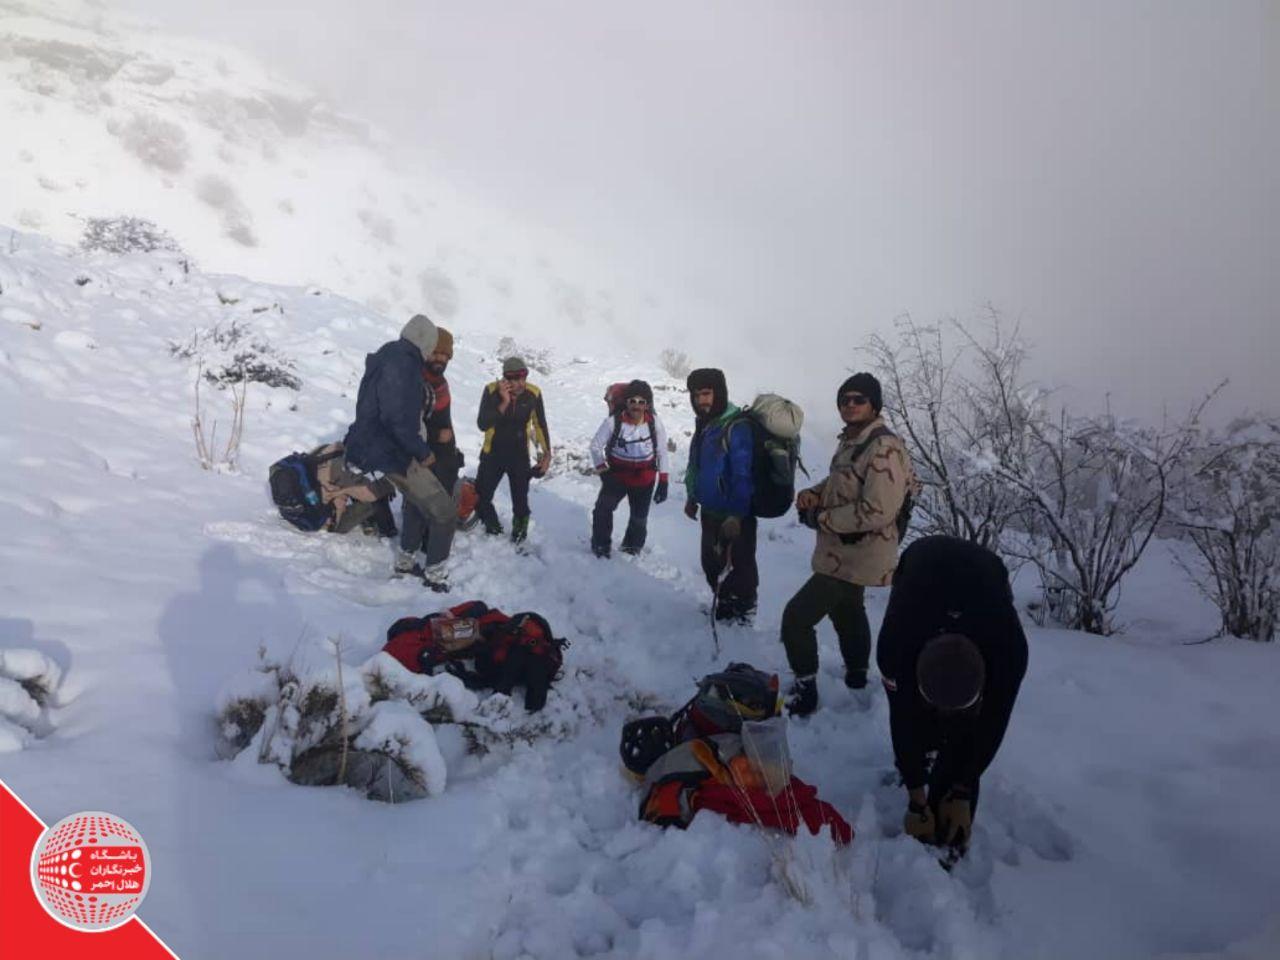 نجات جان ۵ کوهنورد گم شده در ارتفاعات اشترانکوه